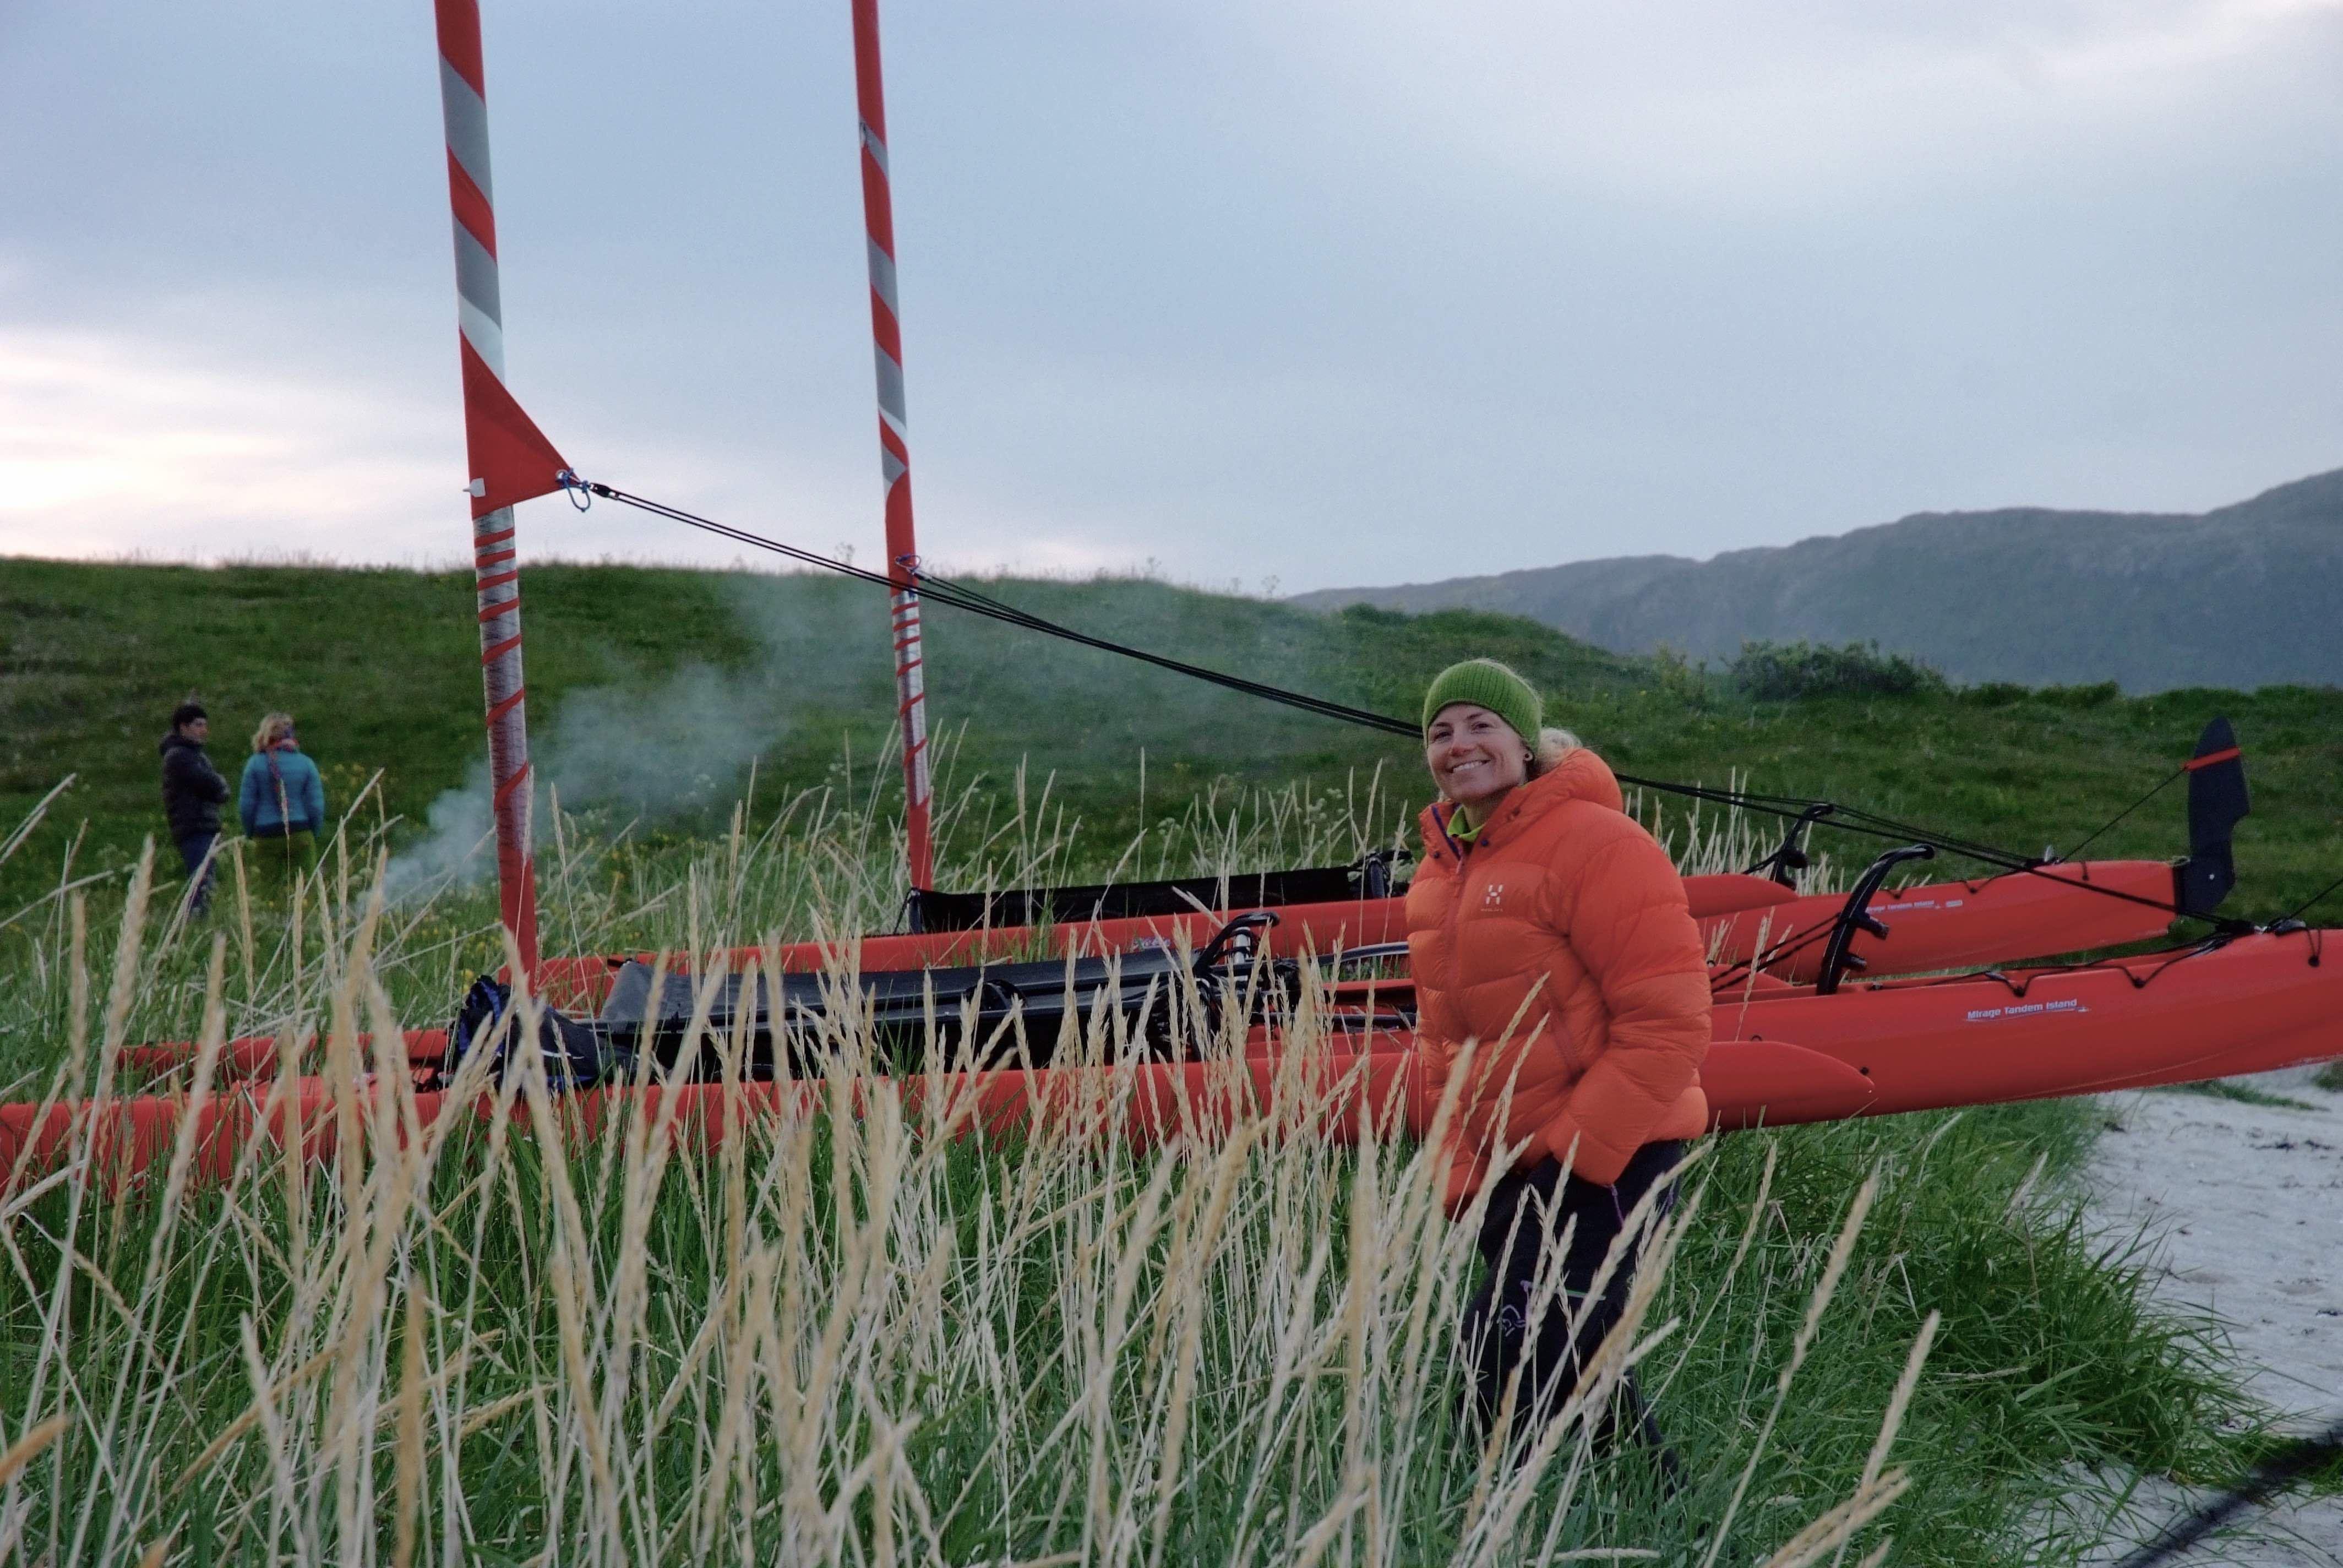 Isabelle Berger,  © 69 Nord Sommarøy outdoor Center, Seks-dagers tur med Seilkajakk og vandring utenfor allfarvei – 69 Nord Sommarøy Outdoor Center